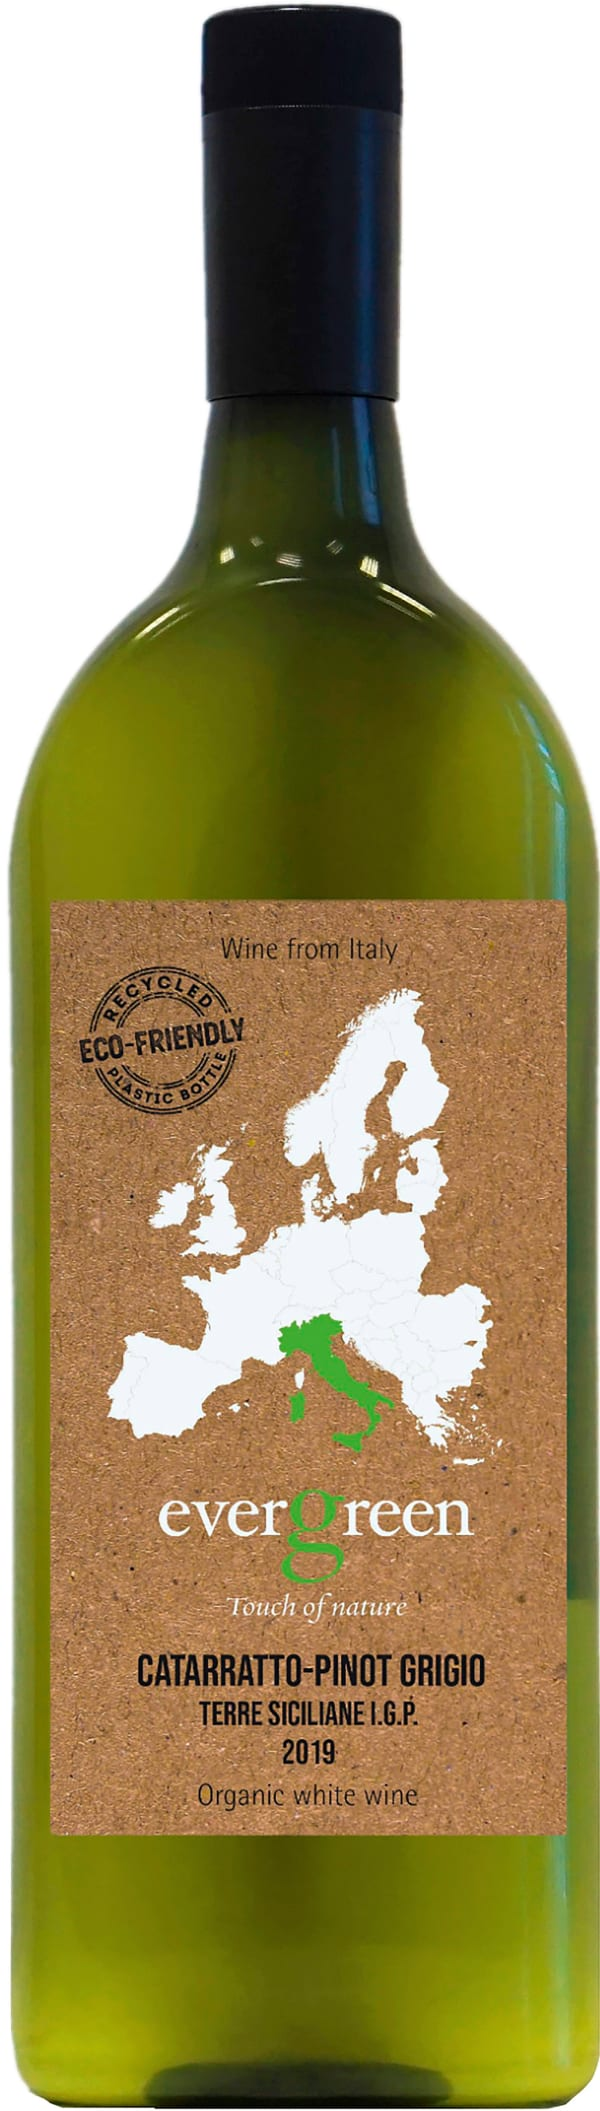 Evergreen Catarratto-Pinot Grigio 2019 plastic bottle